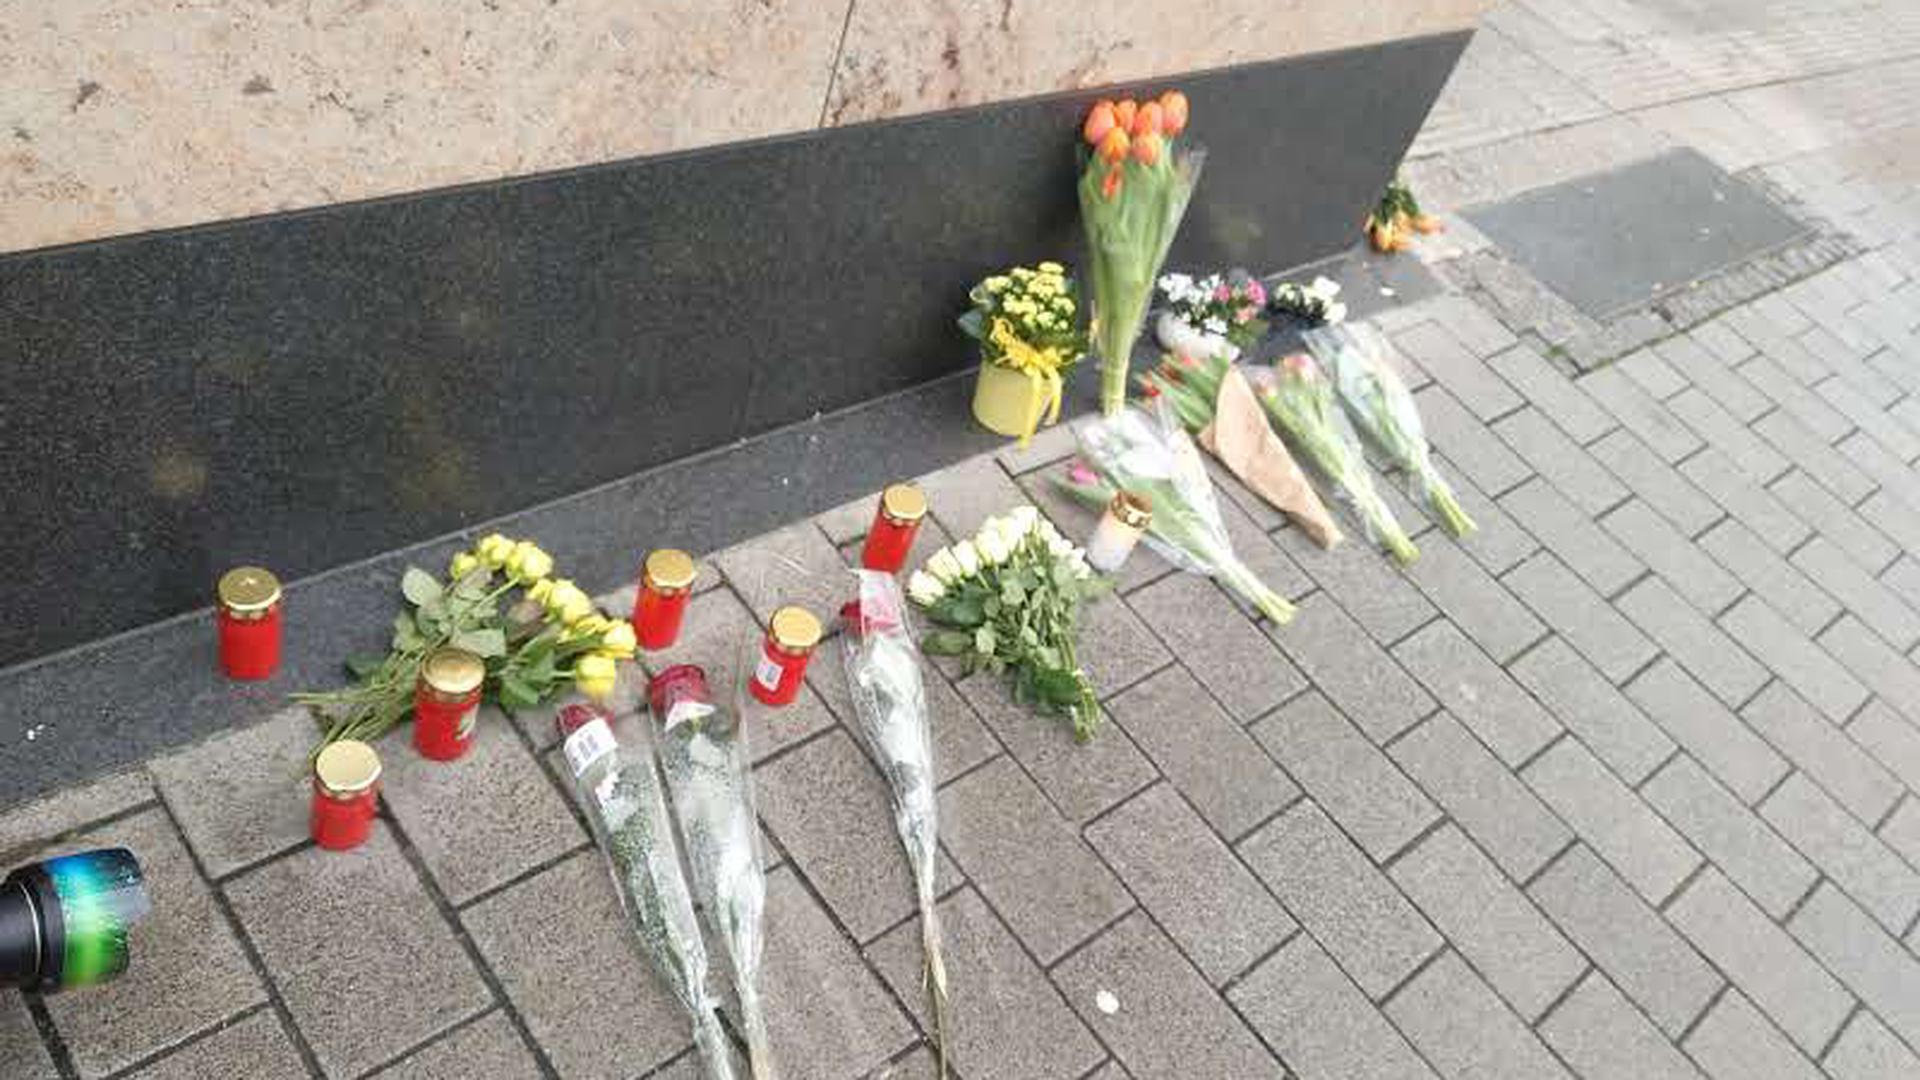 Blumen an einer Hausecke gegenüber vom Anschlagsort. Bis zum Abend des 19. Februar 2020 waren es hunderte.